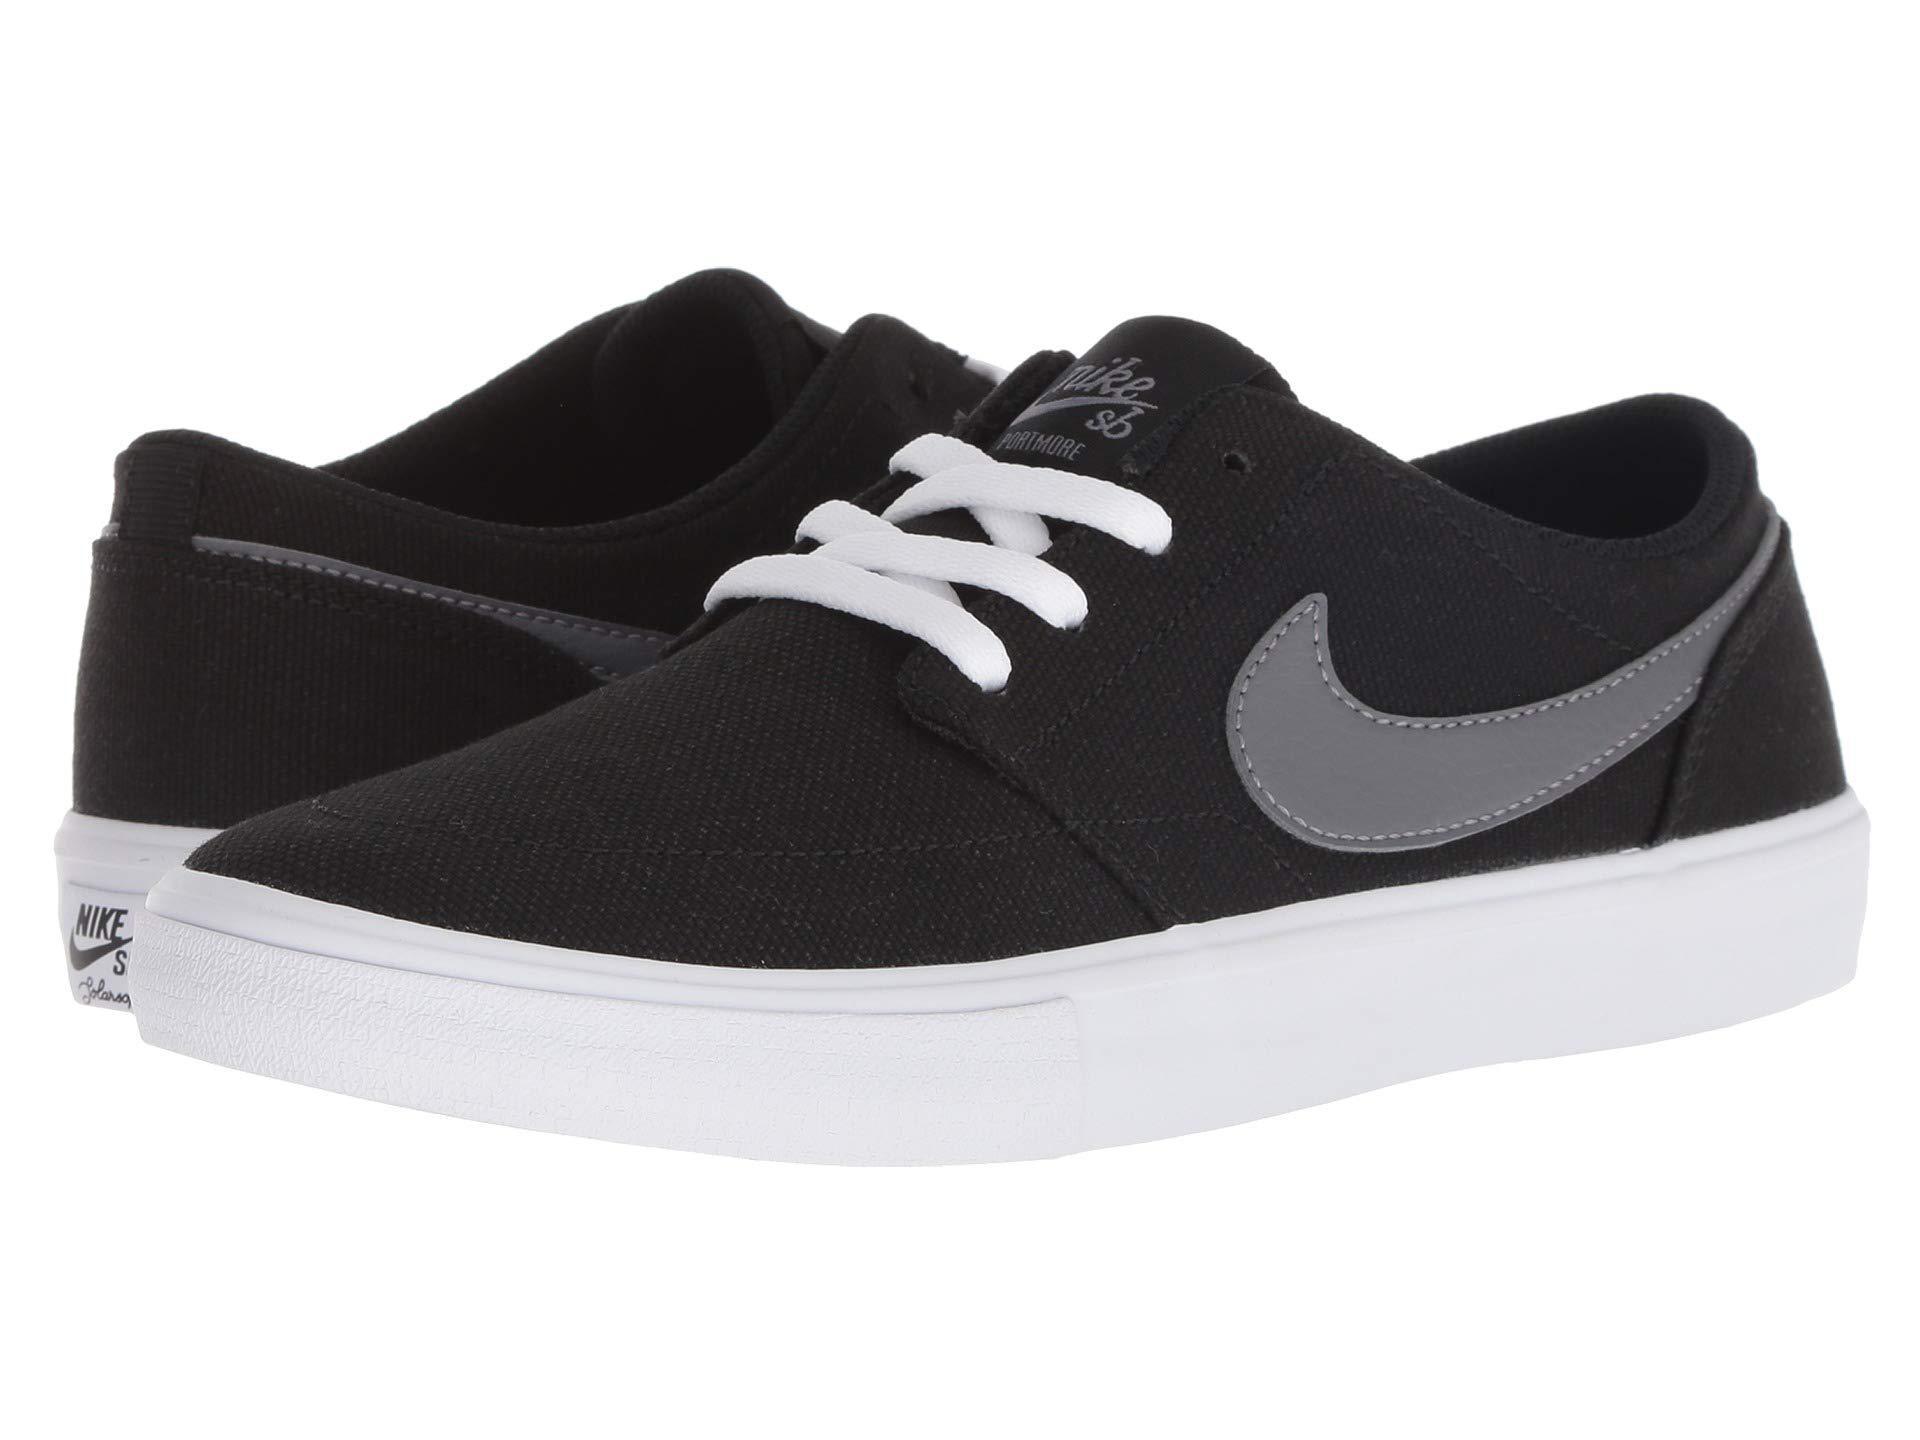 cheaper 4e6e7 0a413 Nike. Women s Black Solarsoft Portmore Ii